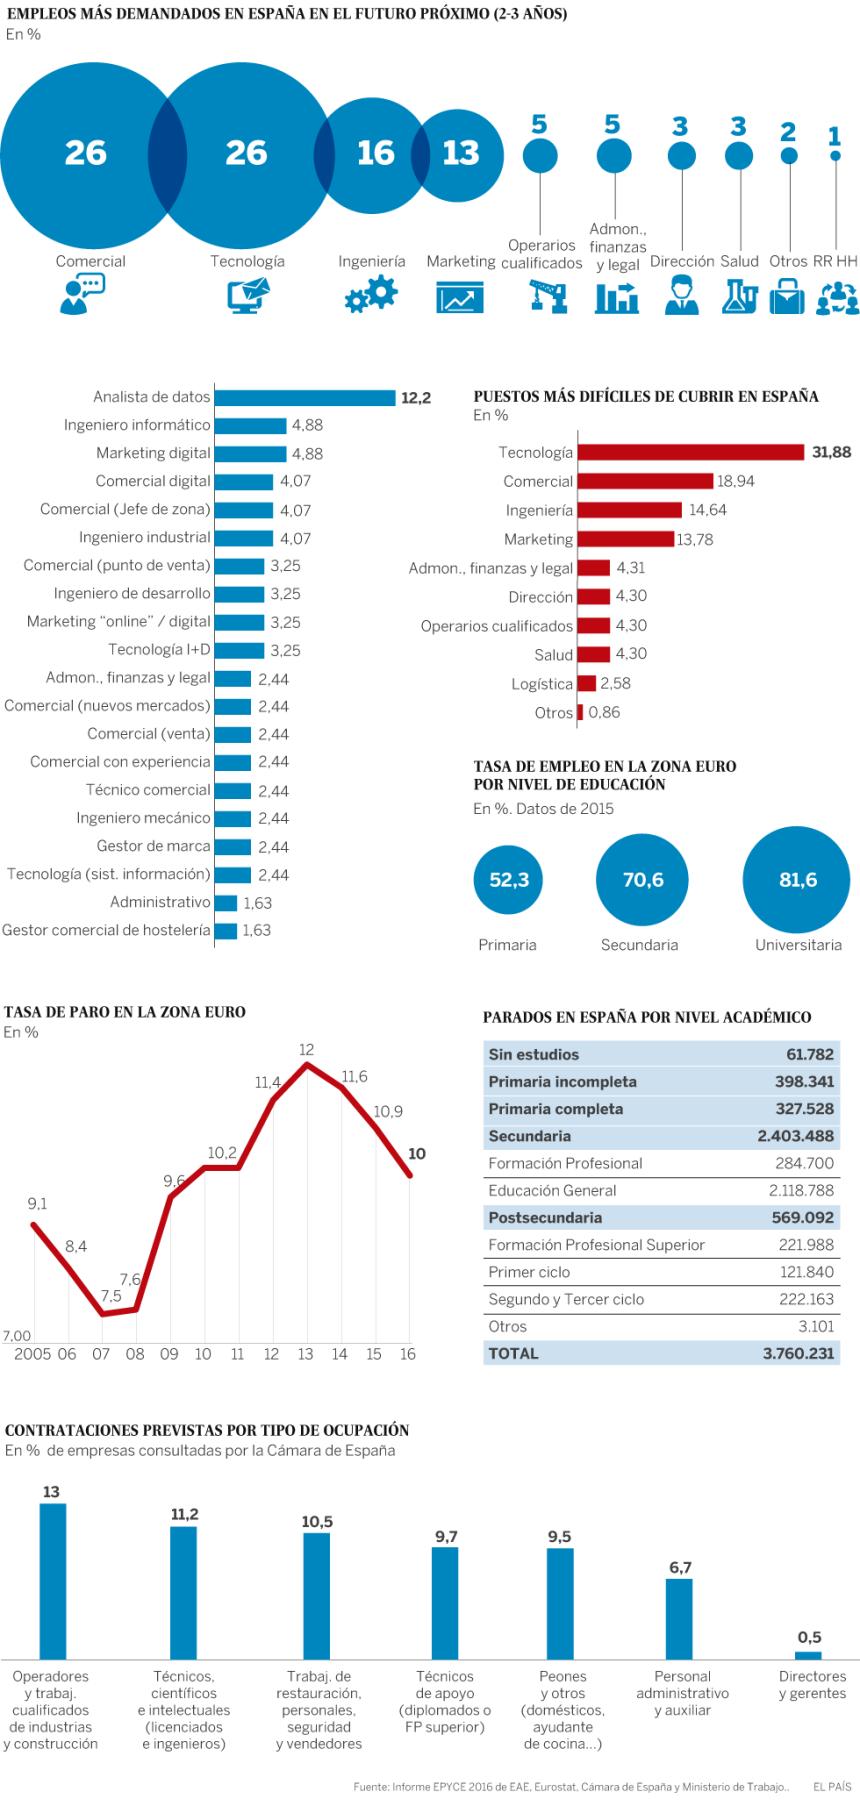 Trabajos más demandados en España en un futuro próximo